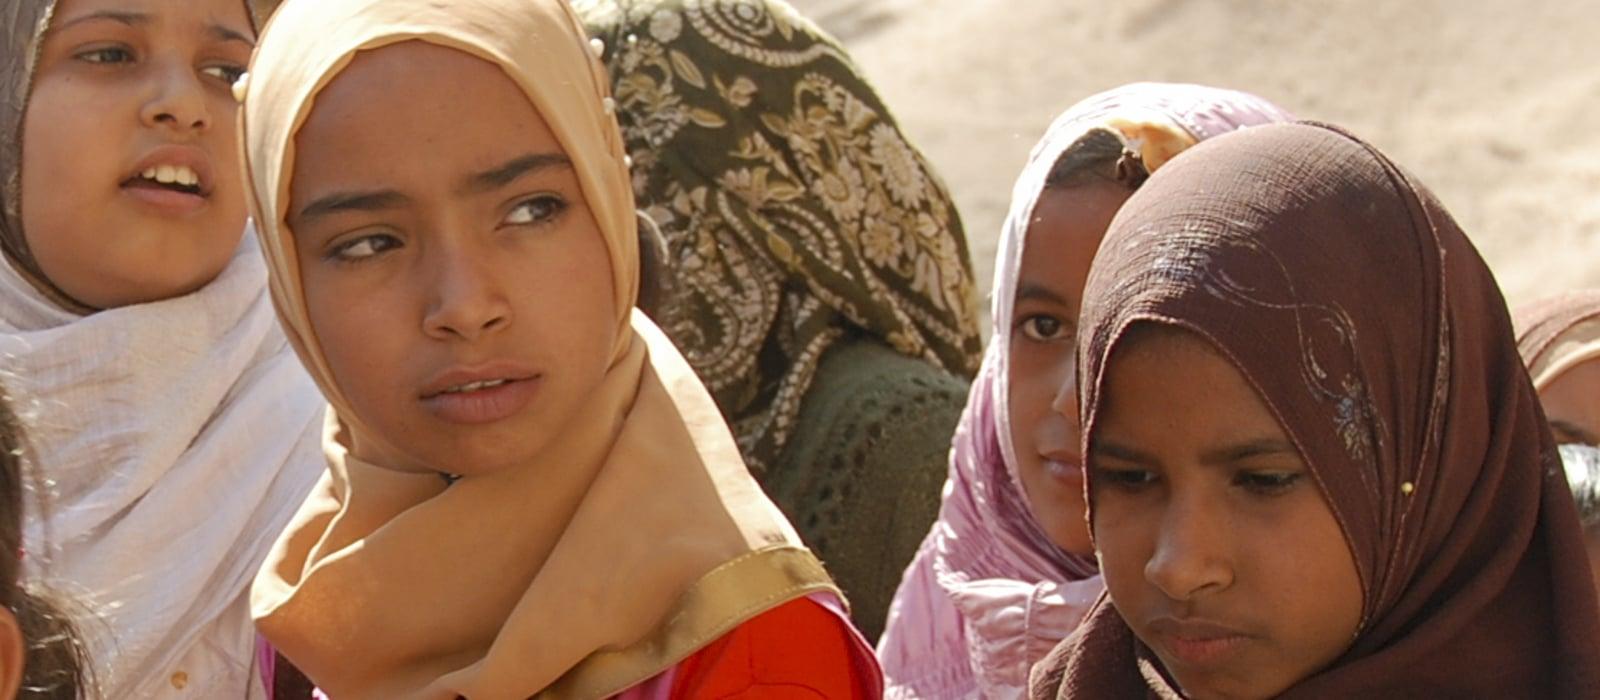 Voyage organisé en petit groupe - jeunes filles égyptiennes - Egypte - Agence de voyage Les Routes du Monde